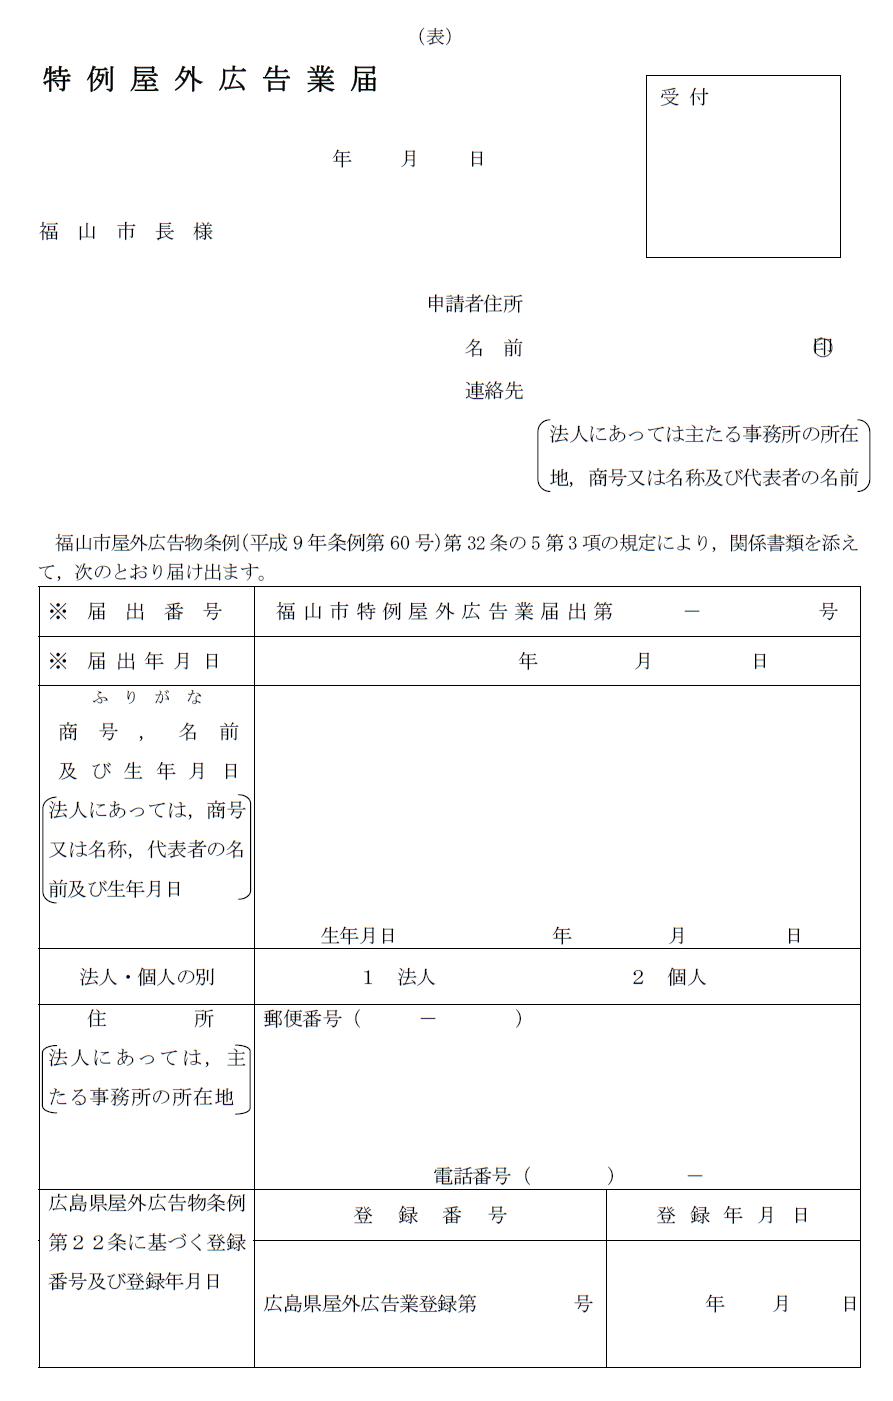 福山特例届出表